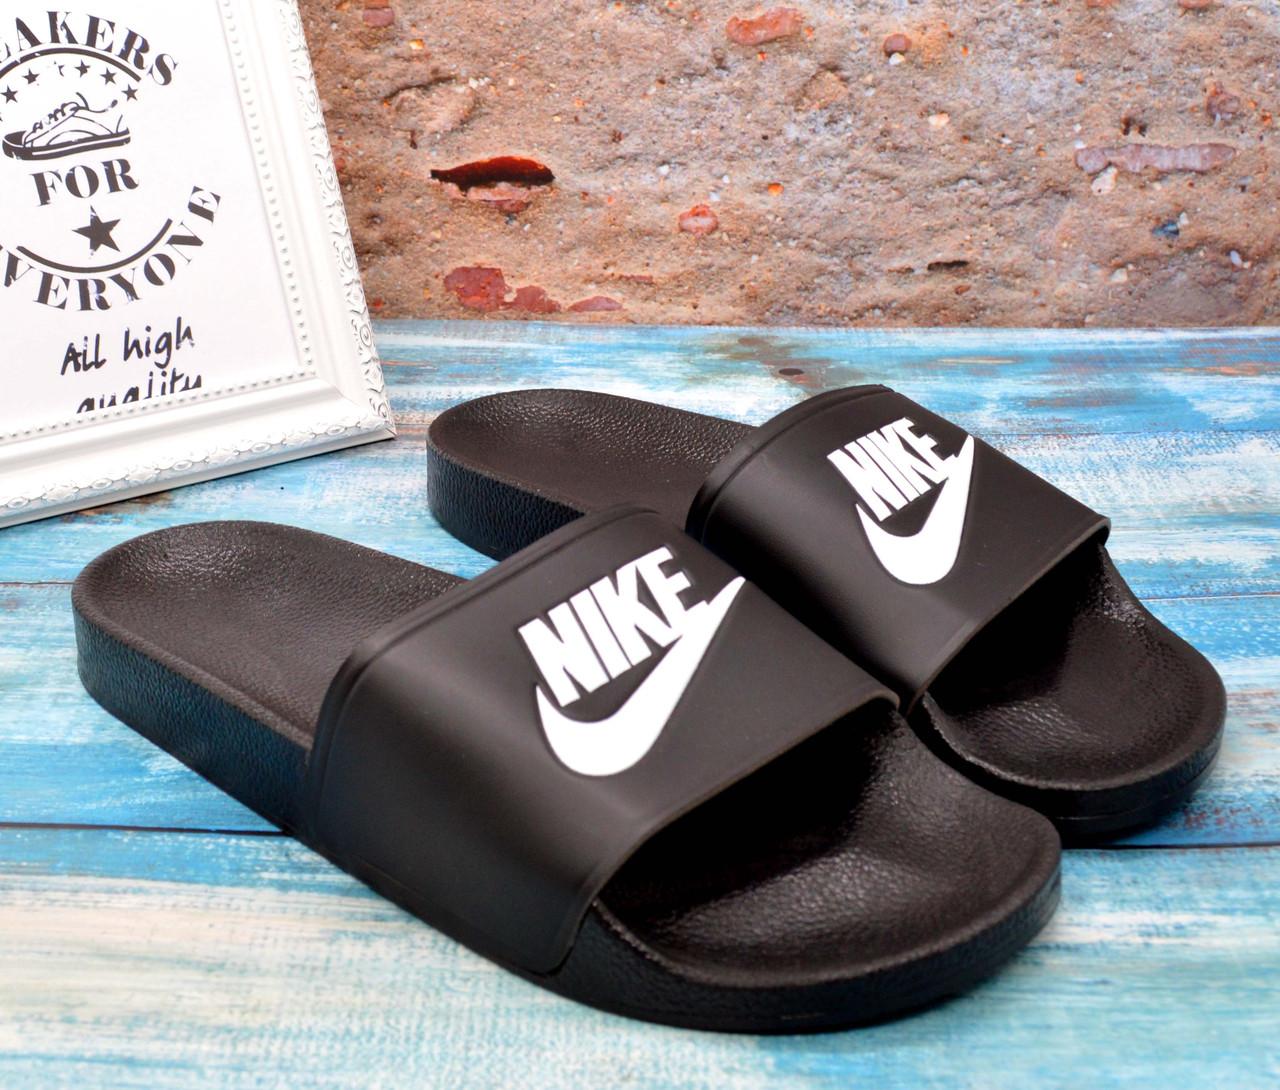 41a0cfb8 Шлепанцы мужские Nike найк черные, цена 349 грн., купить в Днепре ...